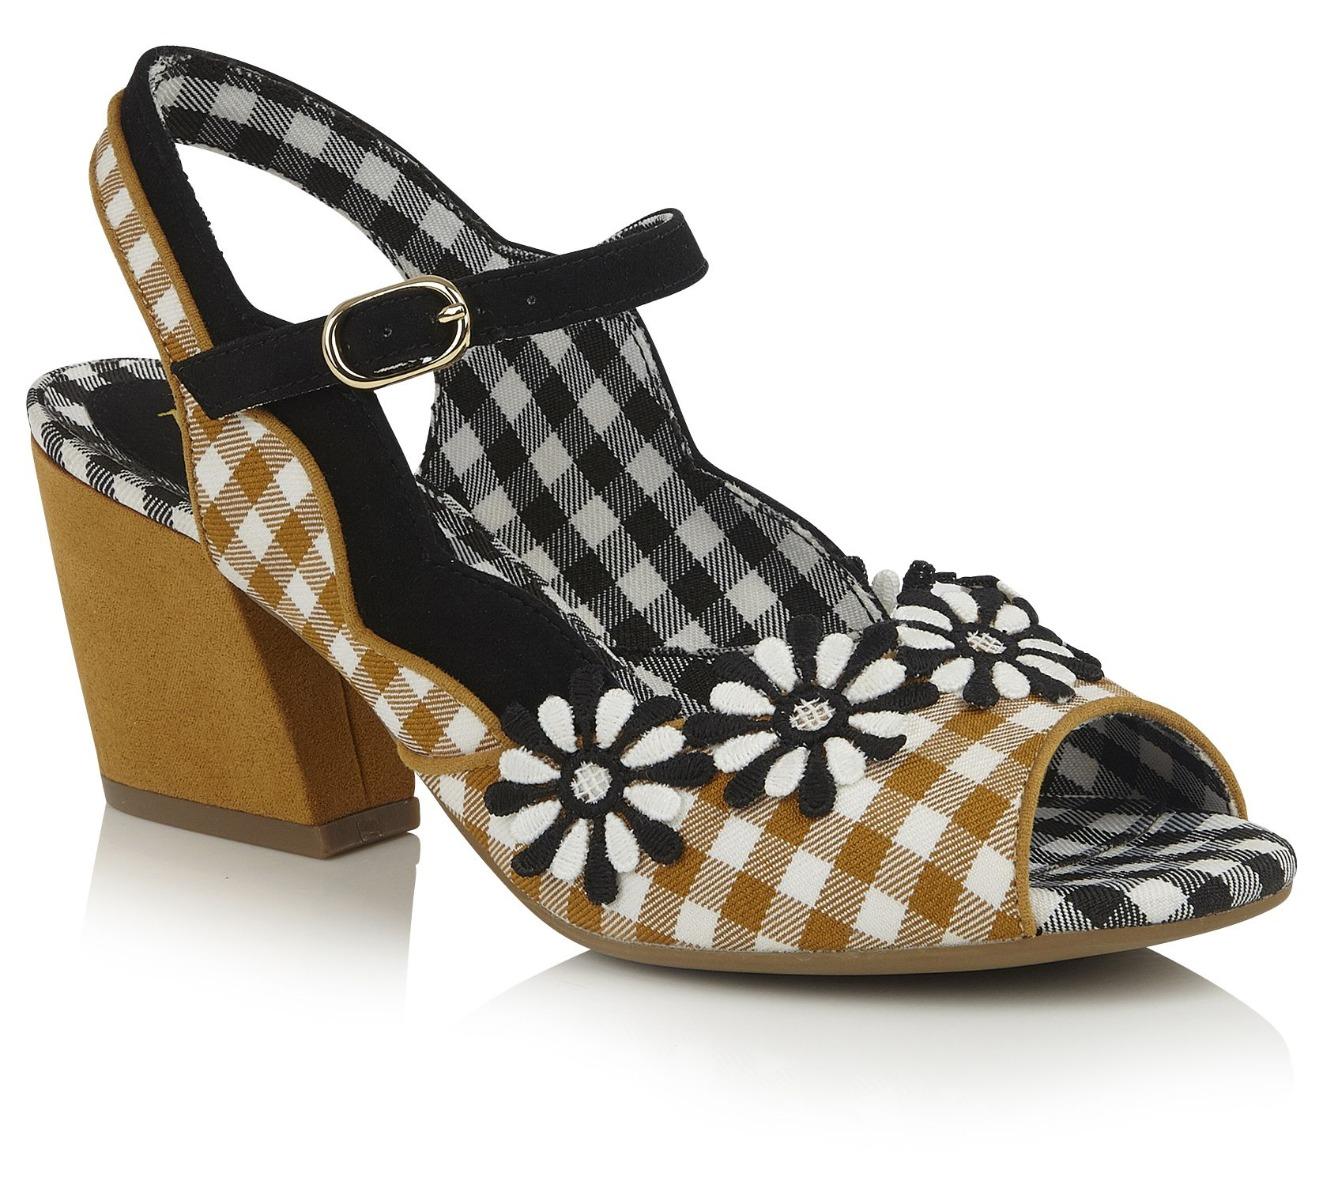 rs09282yb_chaussures-nu-pieds-pin-up-retro-50-s-glam-chic-hera-jaune